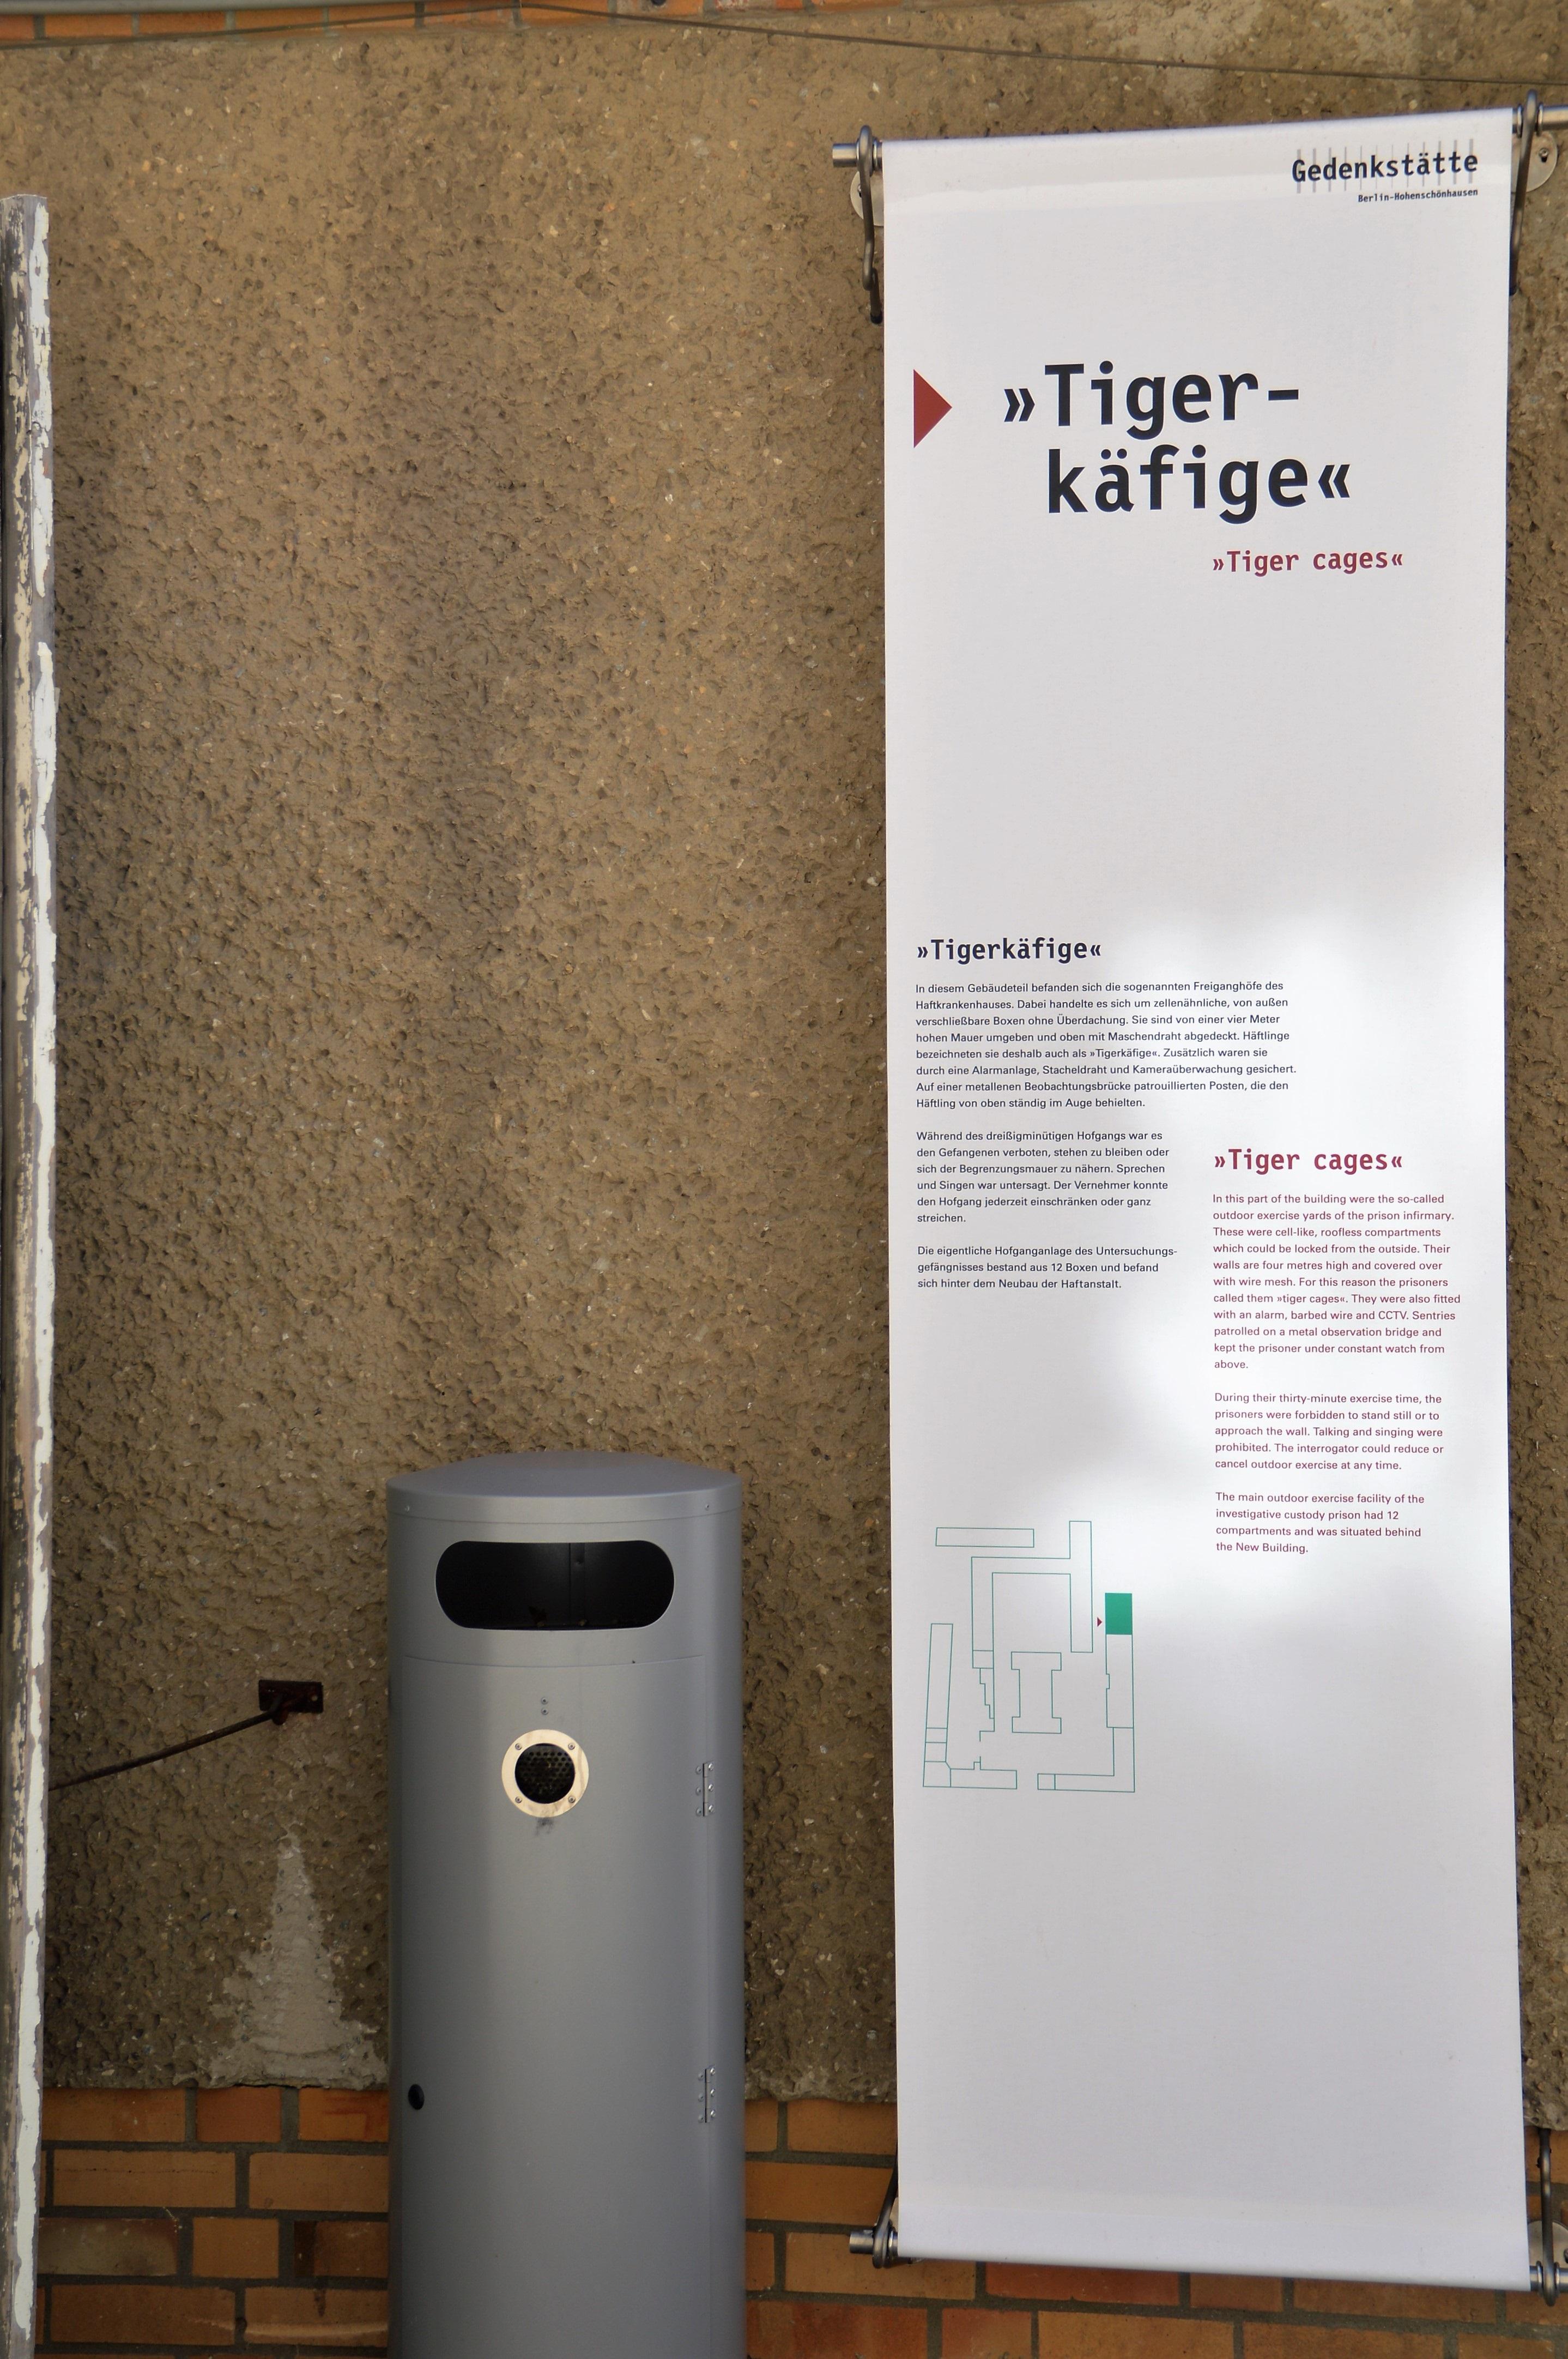 Wunderbar Pinterest Handwerk Maschendraht Bilder - Schaltplan Serie ...